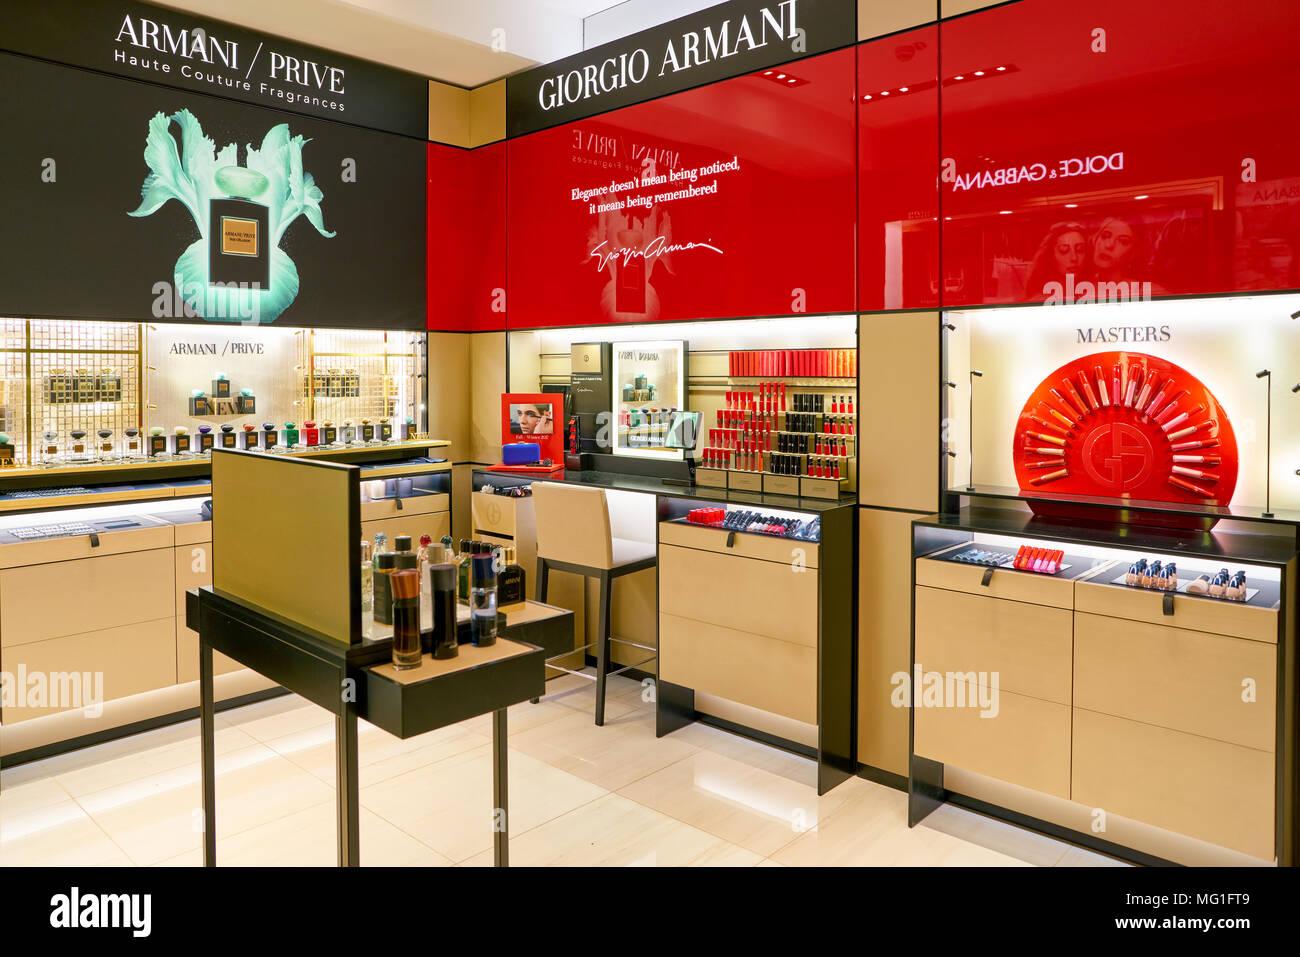 ROME, ITALIE - circa 2017, novembre   Giorgio Armani beauty produits  exposés lors d 6abf5c481c21